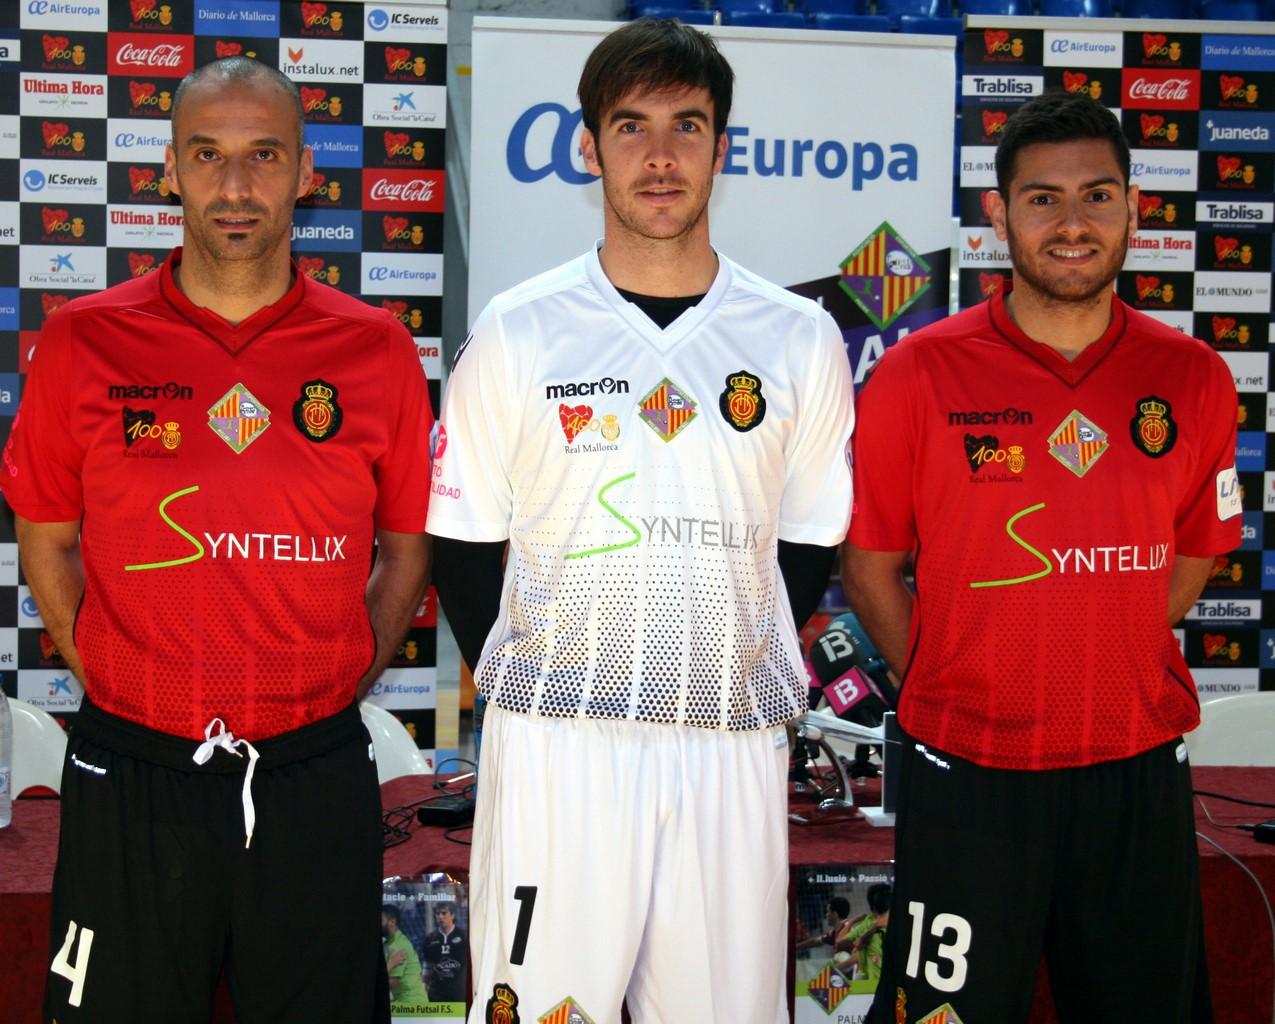 Vadillo, Barrón y Taffy posan con las equipaciones que vestirán el domingo 2 (Copy)